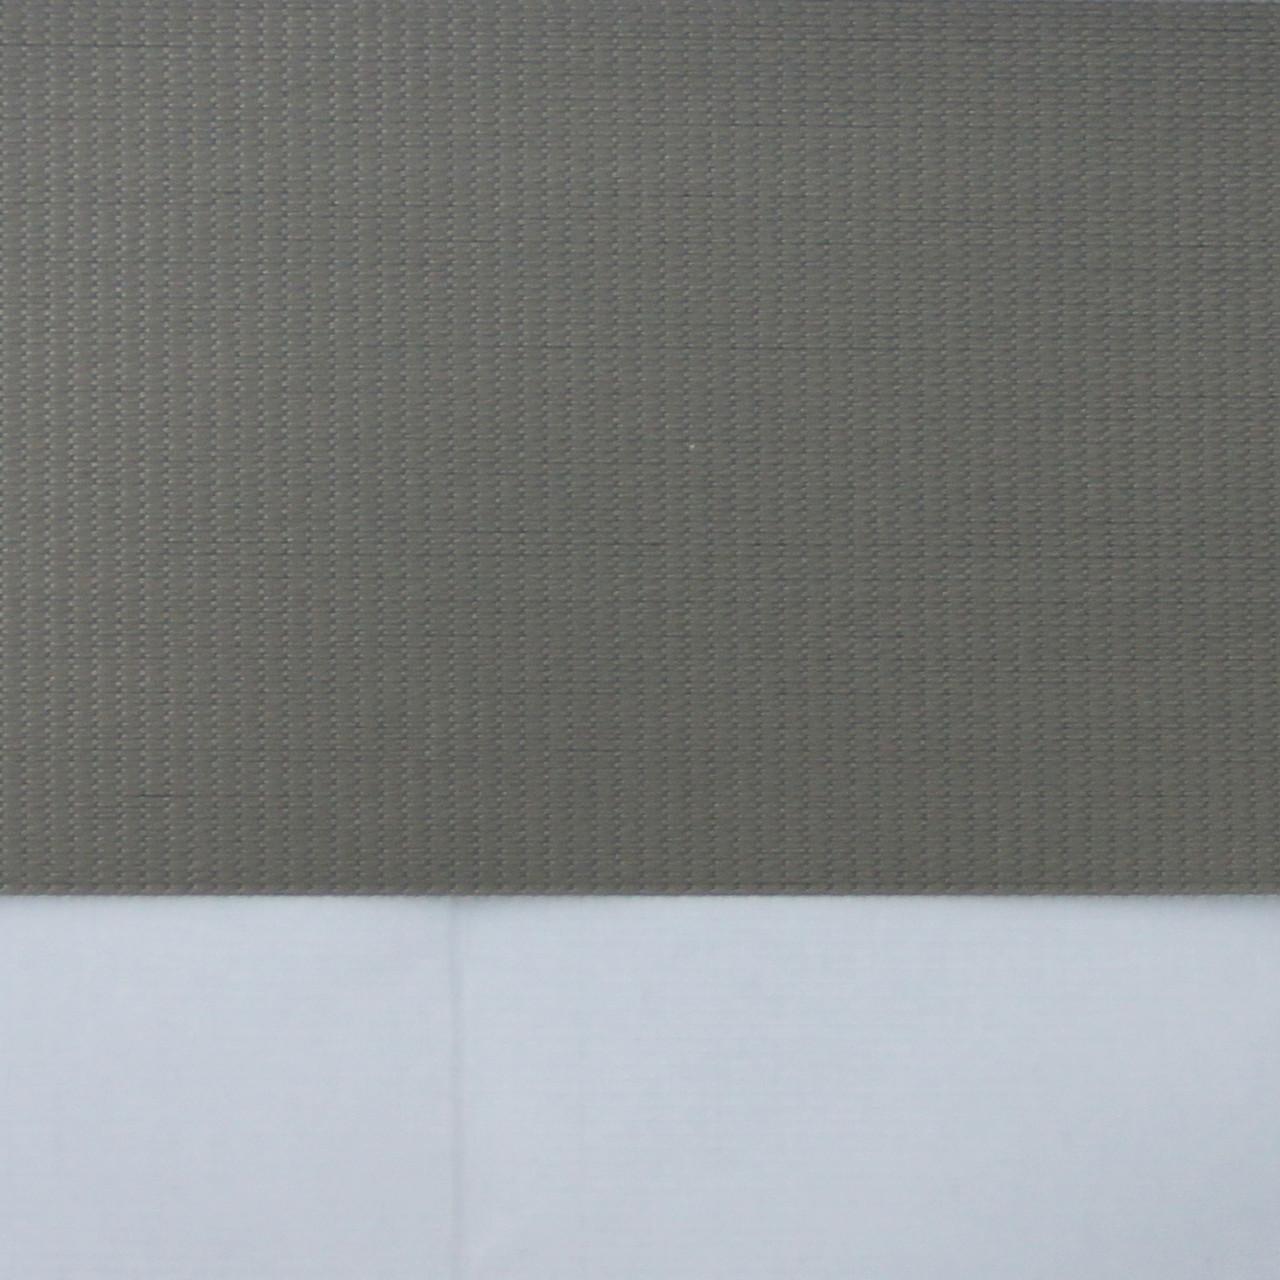 Рулонные шторы День-ночь Ткань Полюс блэкаут Мускат